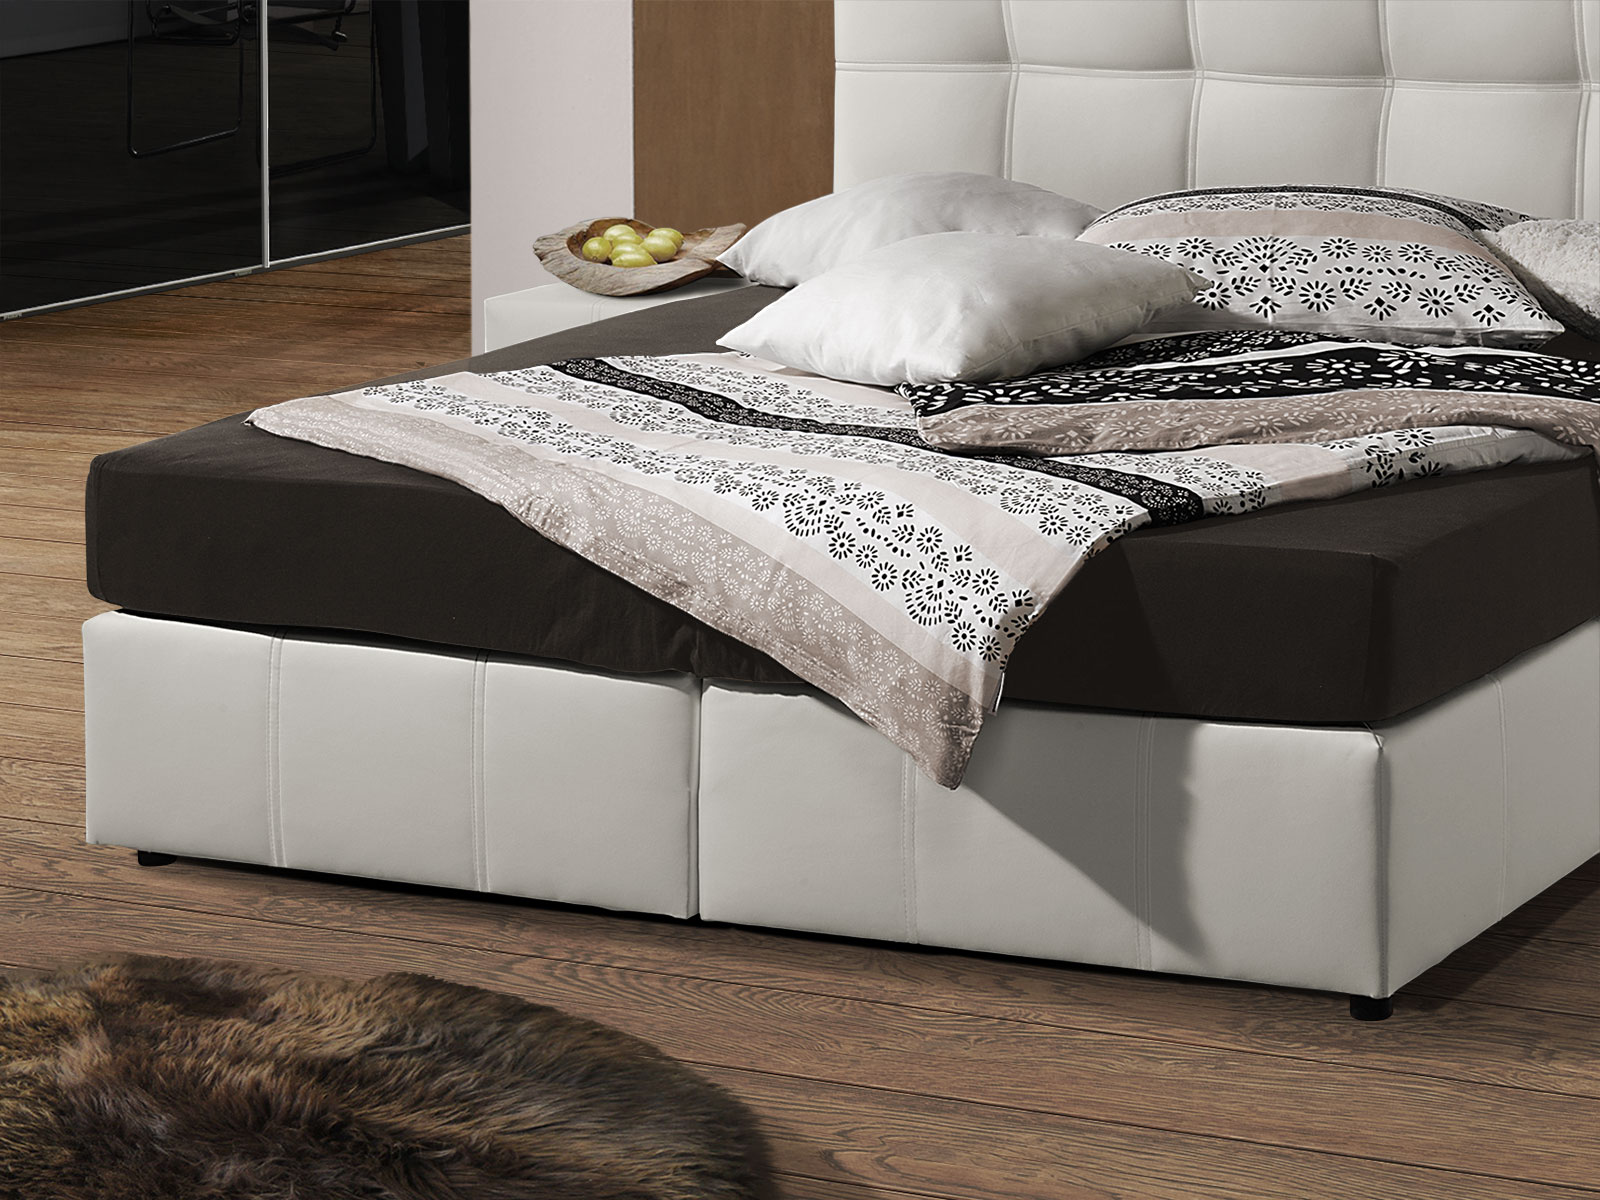 140er bett zwei lattenroste kleines schlafzimmer gem tlich einrichten dreikammer kopfkissen im. Black Bedroom Furniture Sets. Home Design Ideas